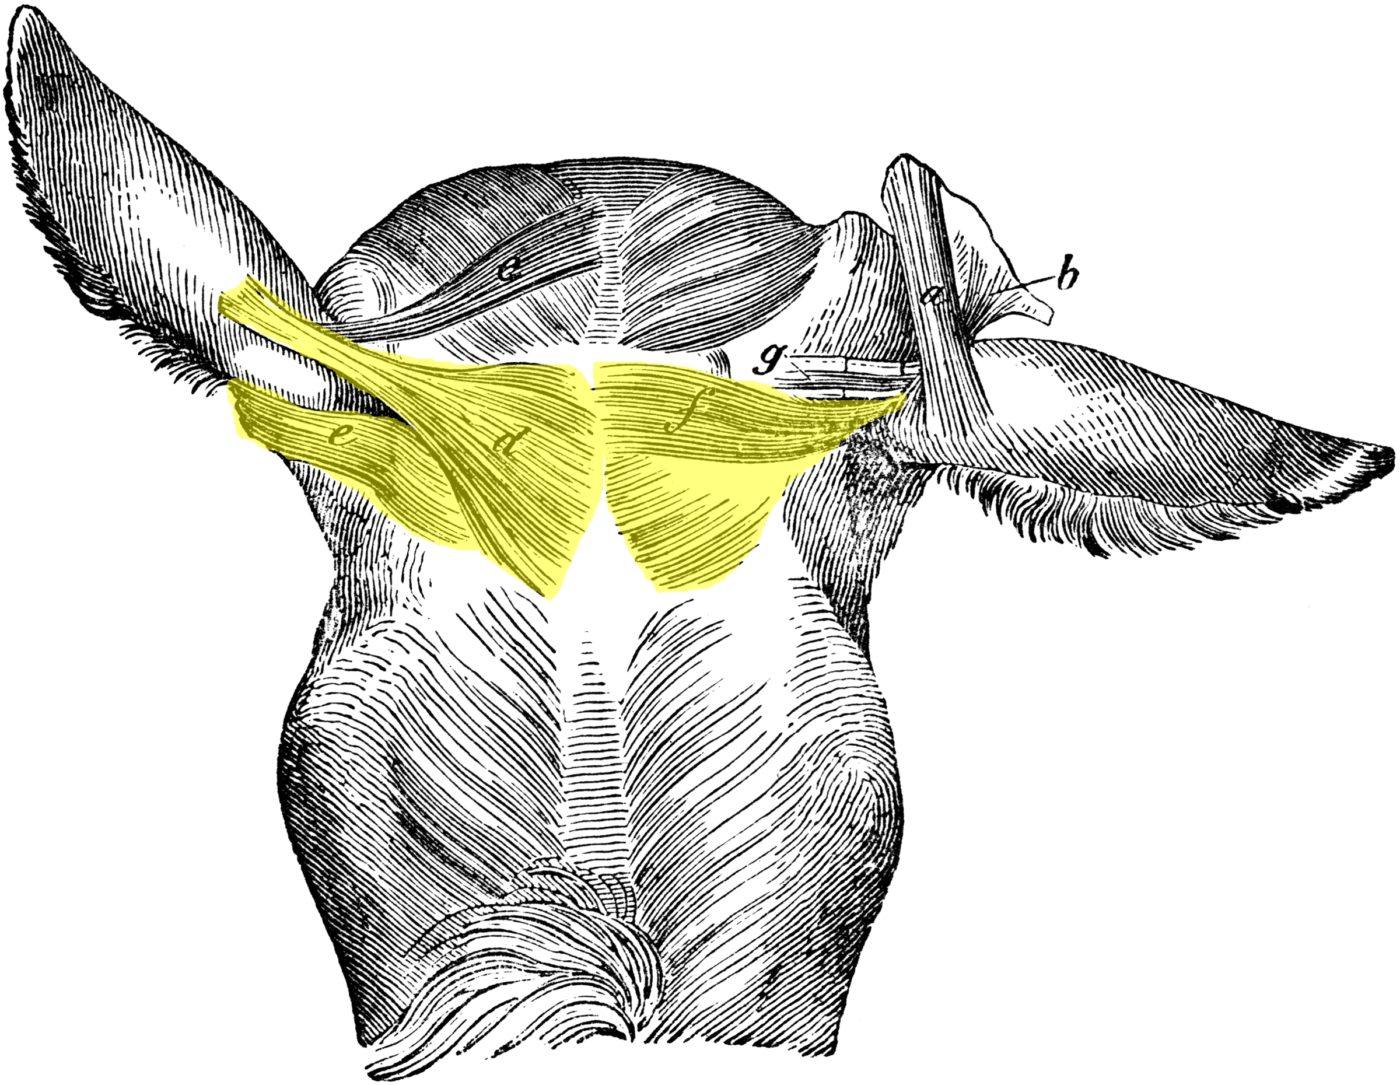 Muscles superficiels de la tête du cheval - vue de dessus (3) ; colorisation pour la mise en évidence des muscles auriculaires (zone têtière)